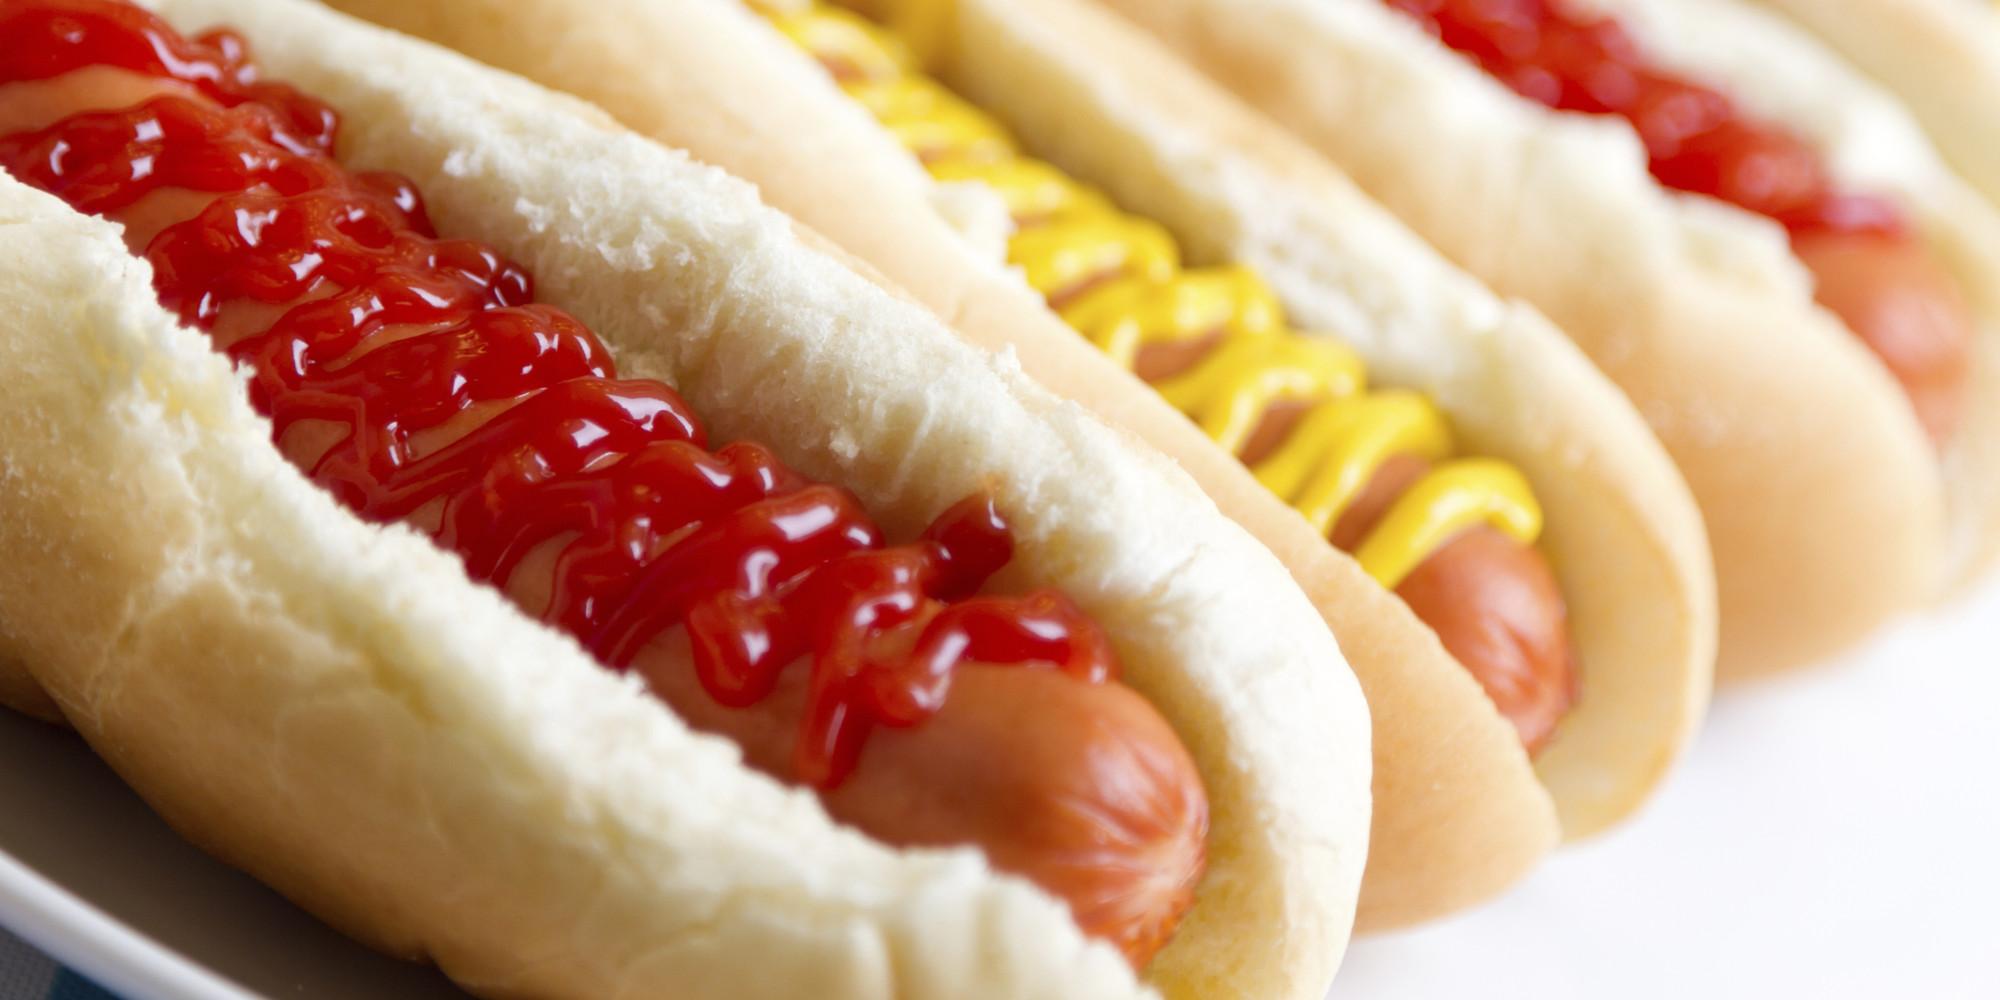 High Resolution Wallpaper | Hot Dog 2000x1000 px